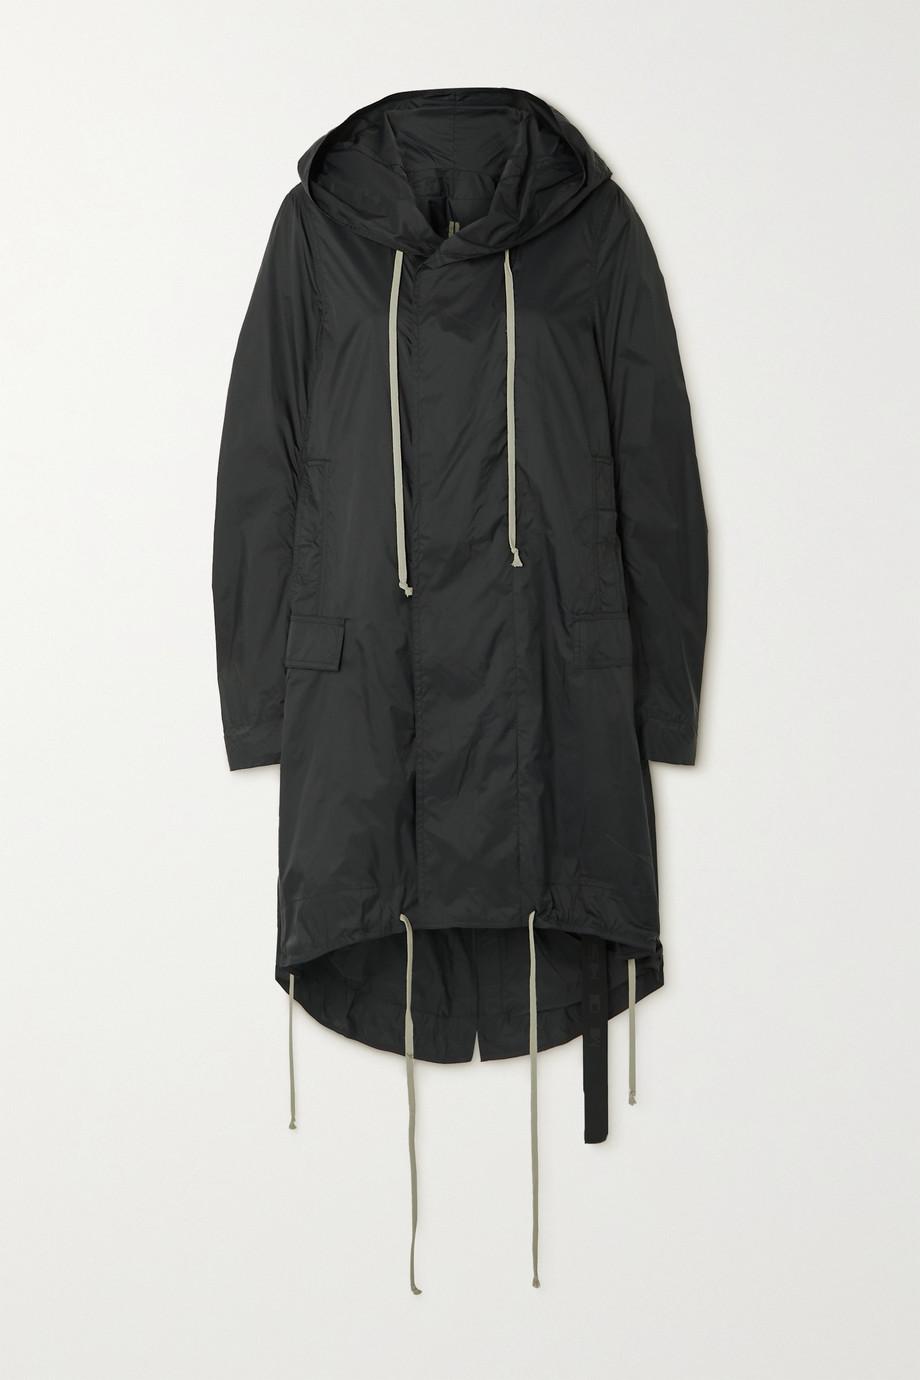 Rick Owens Asymmetric hooded shell jacket